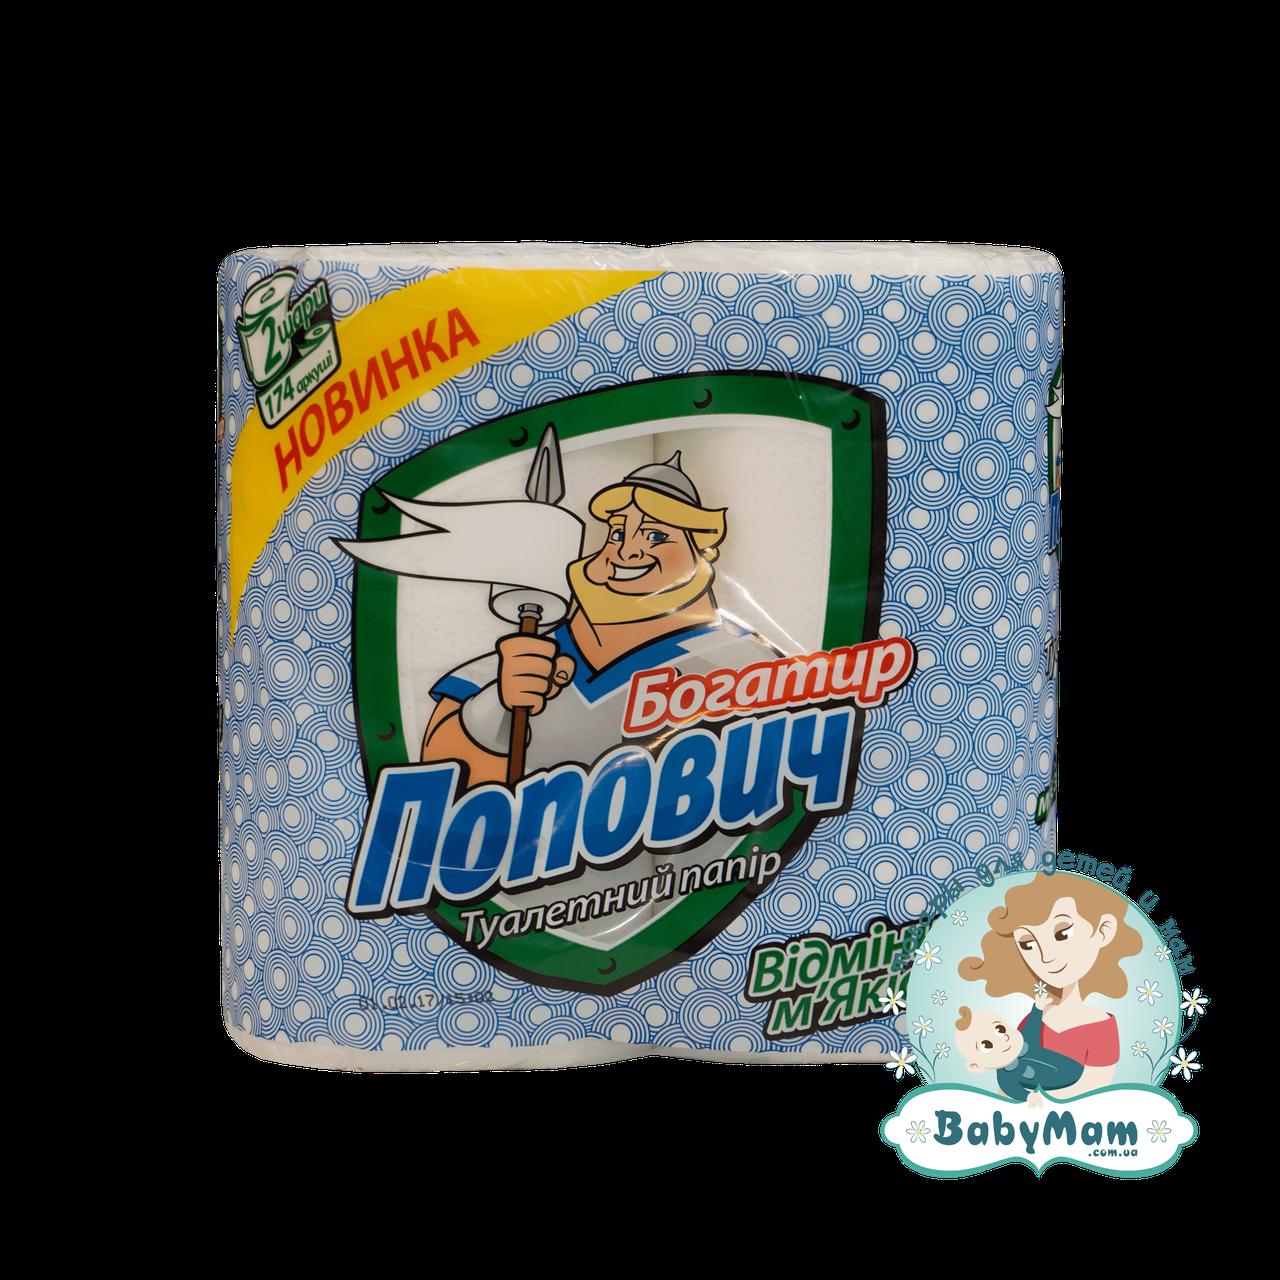 Туалетная бумага Попович, 4 рулона